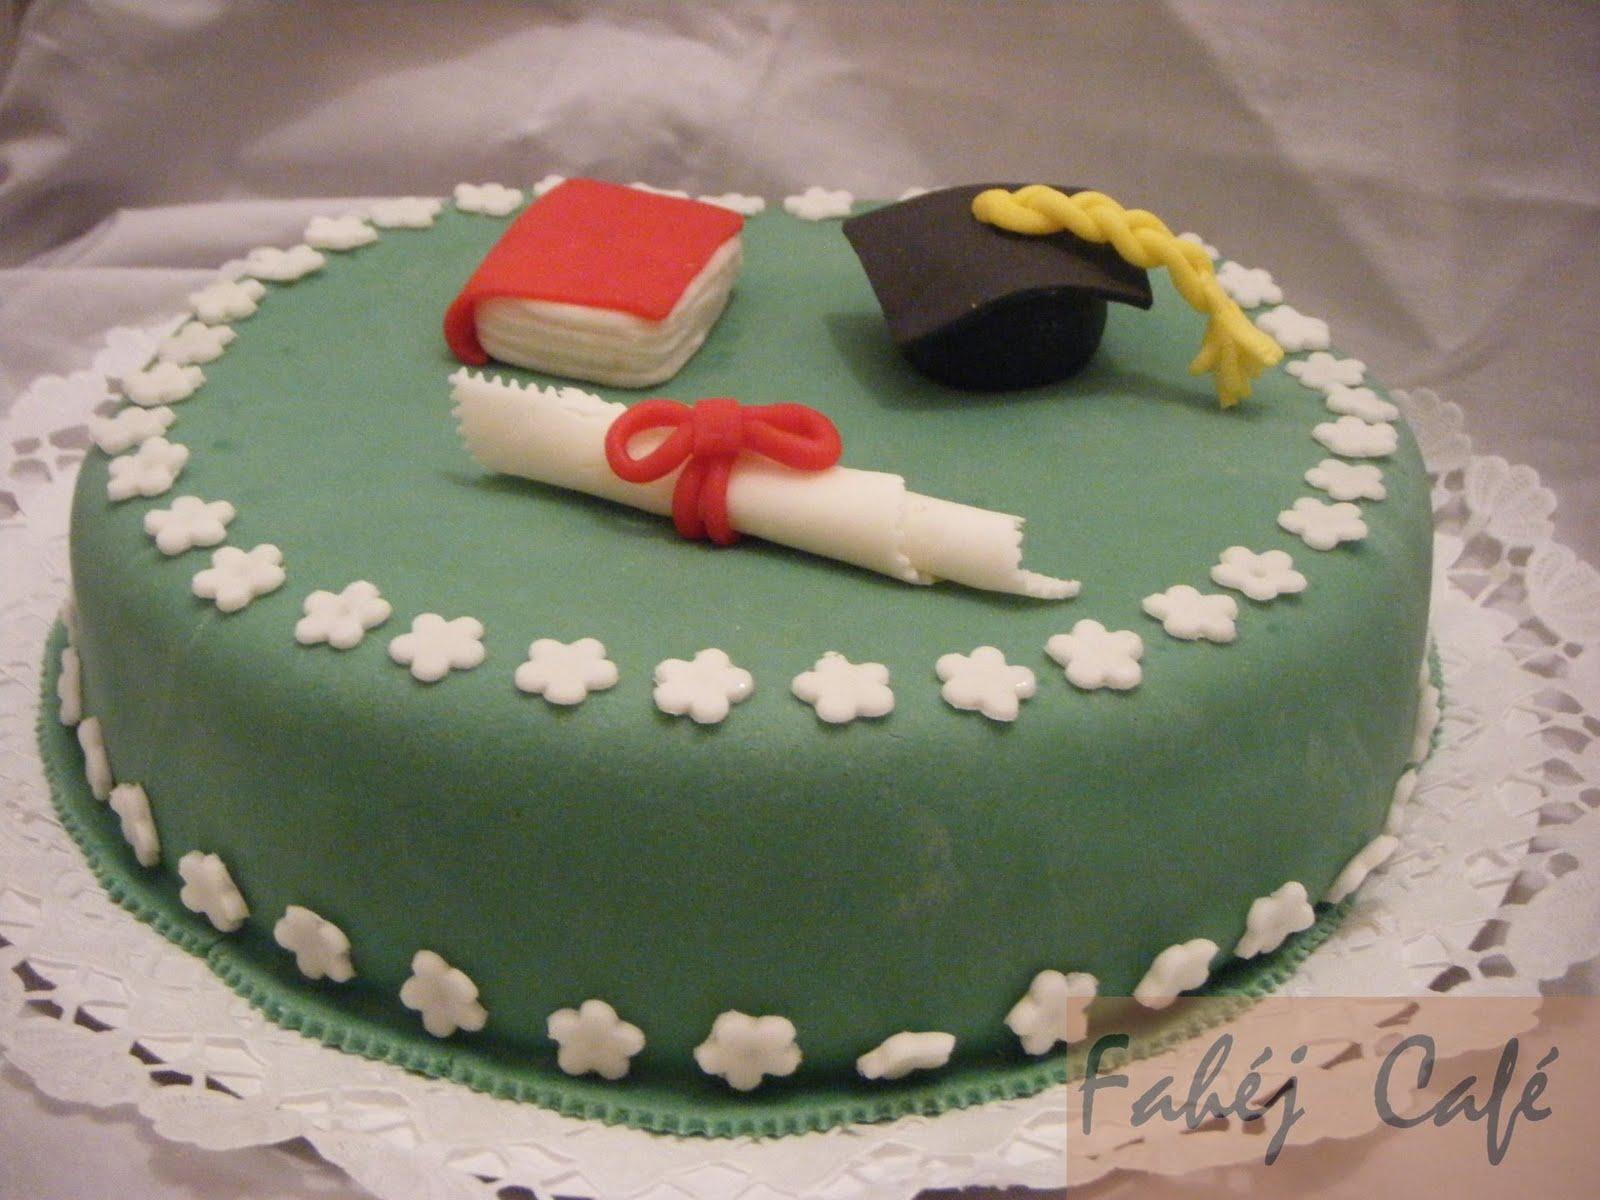 ballagási torta képek Fahéj Café: Ballagási torta ballagási torta képek